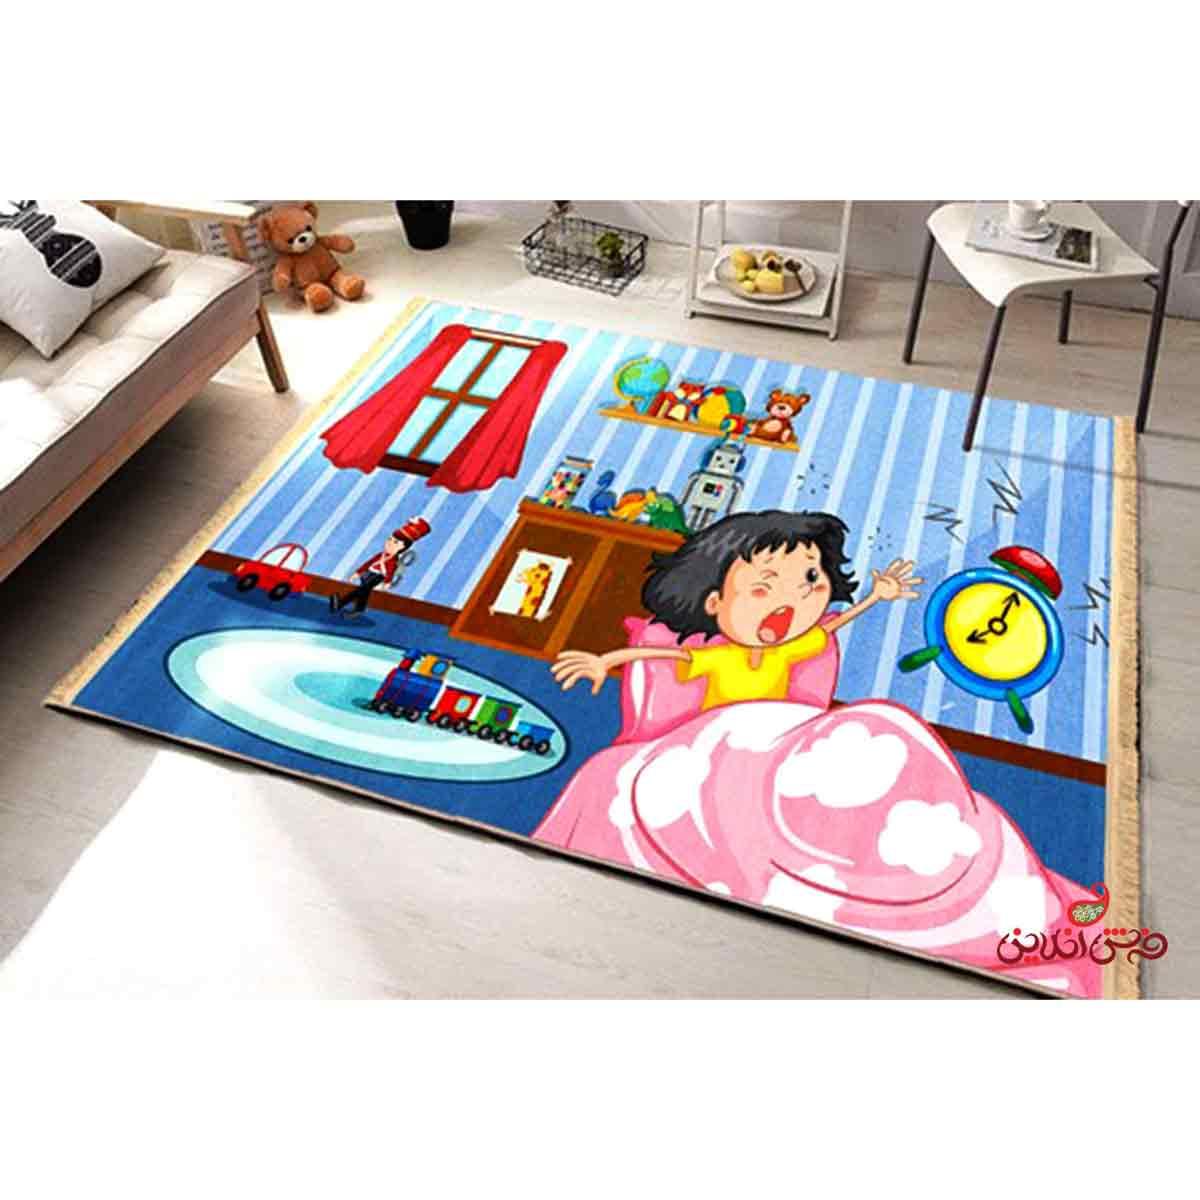 فرش ماشینی کودک کلاریس طرح کودک خوابالو کد 100248